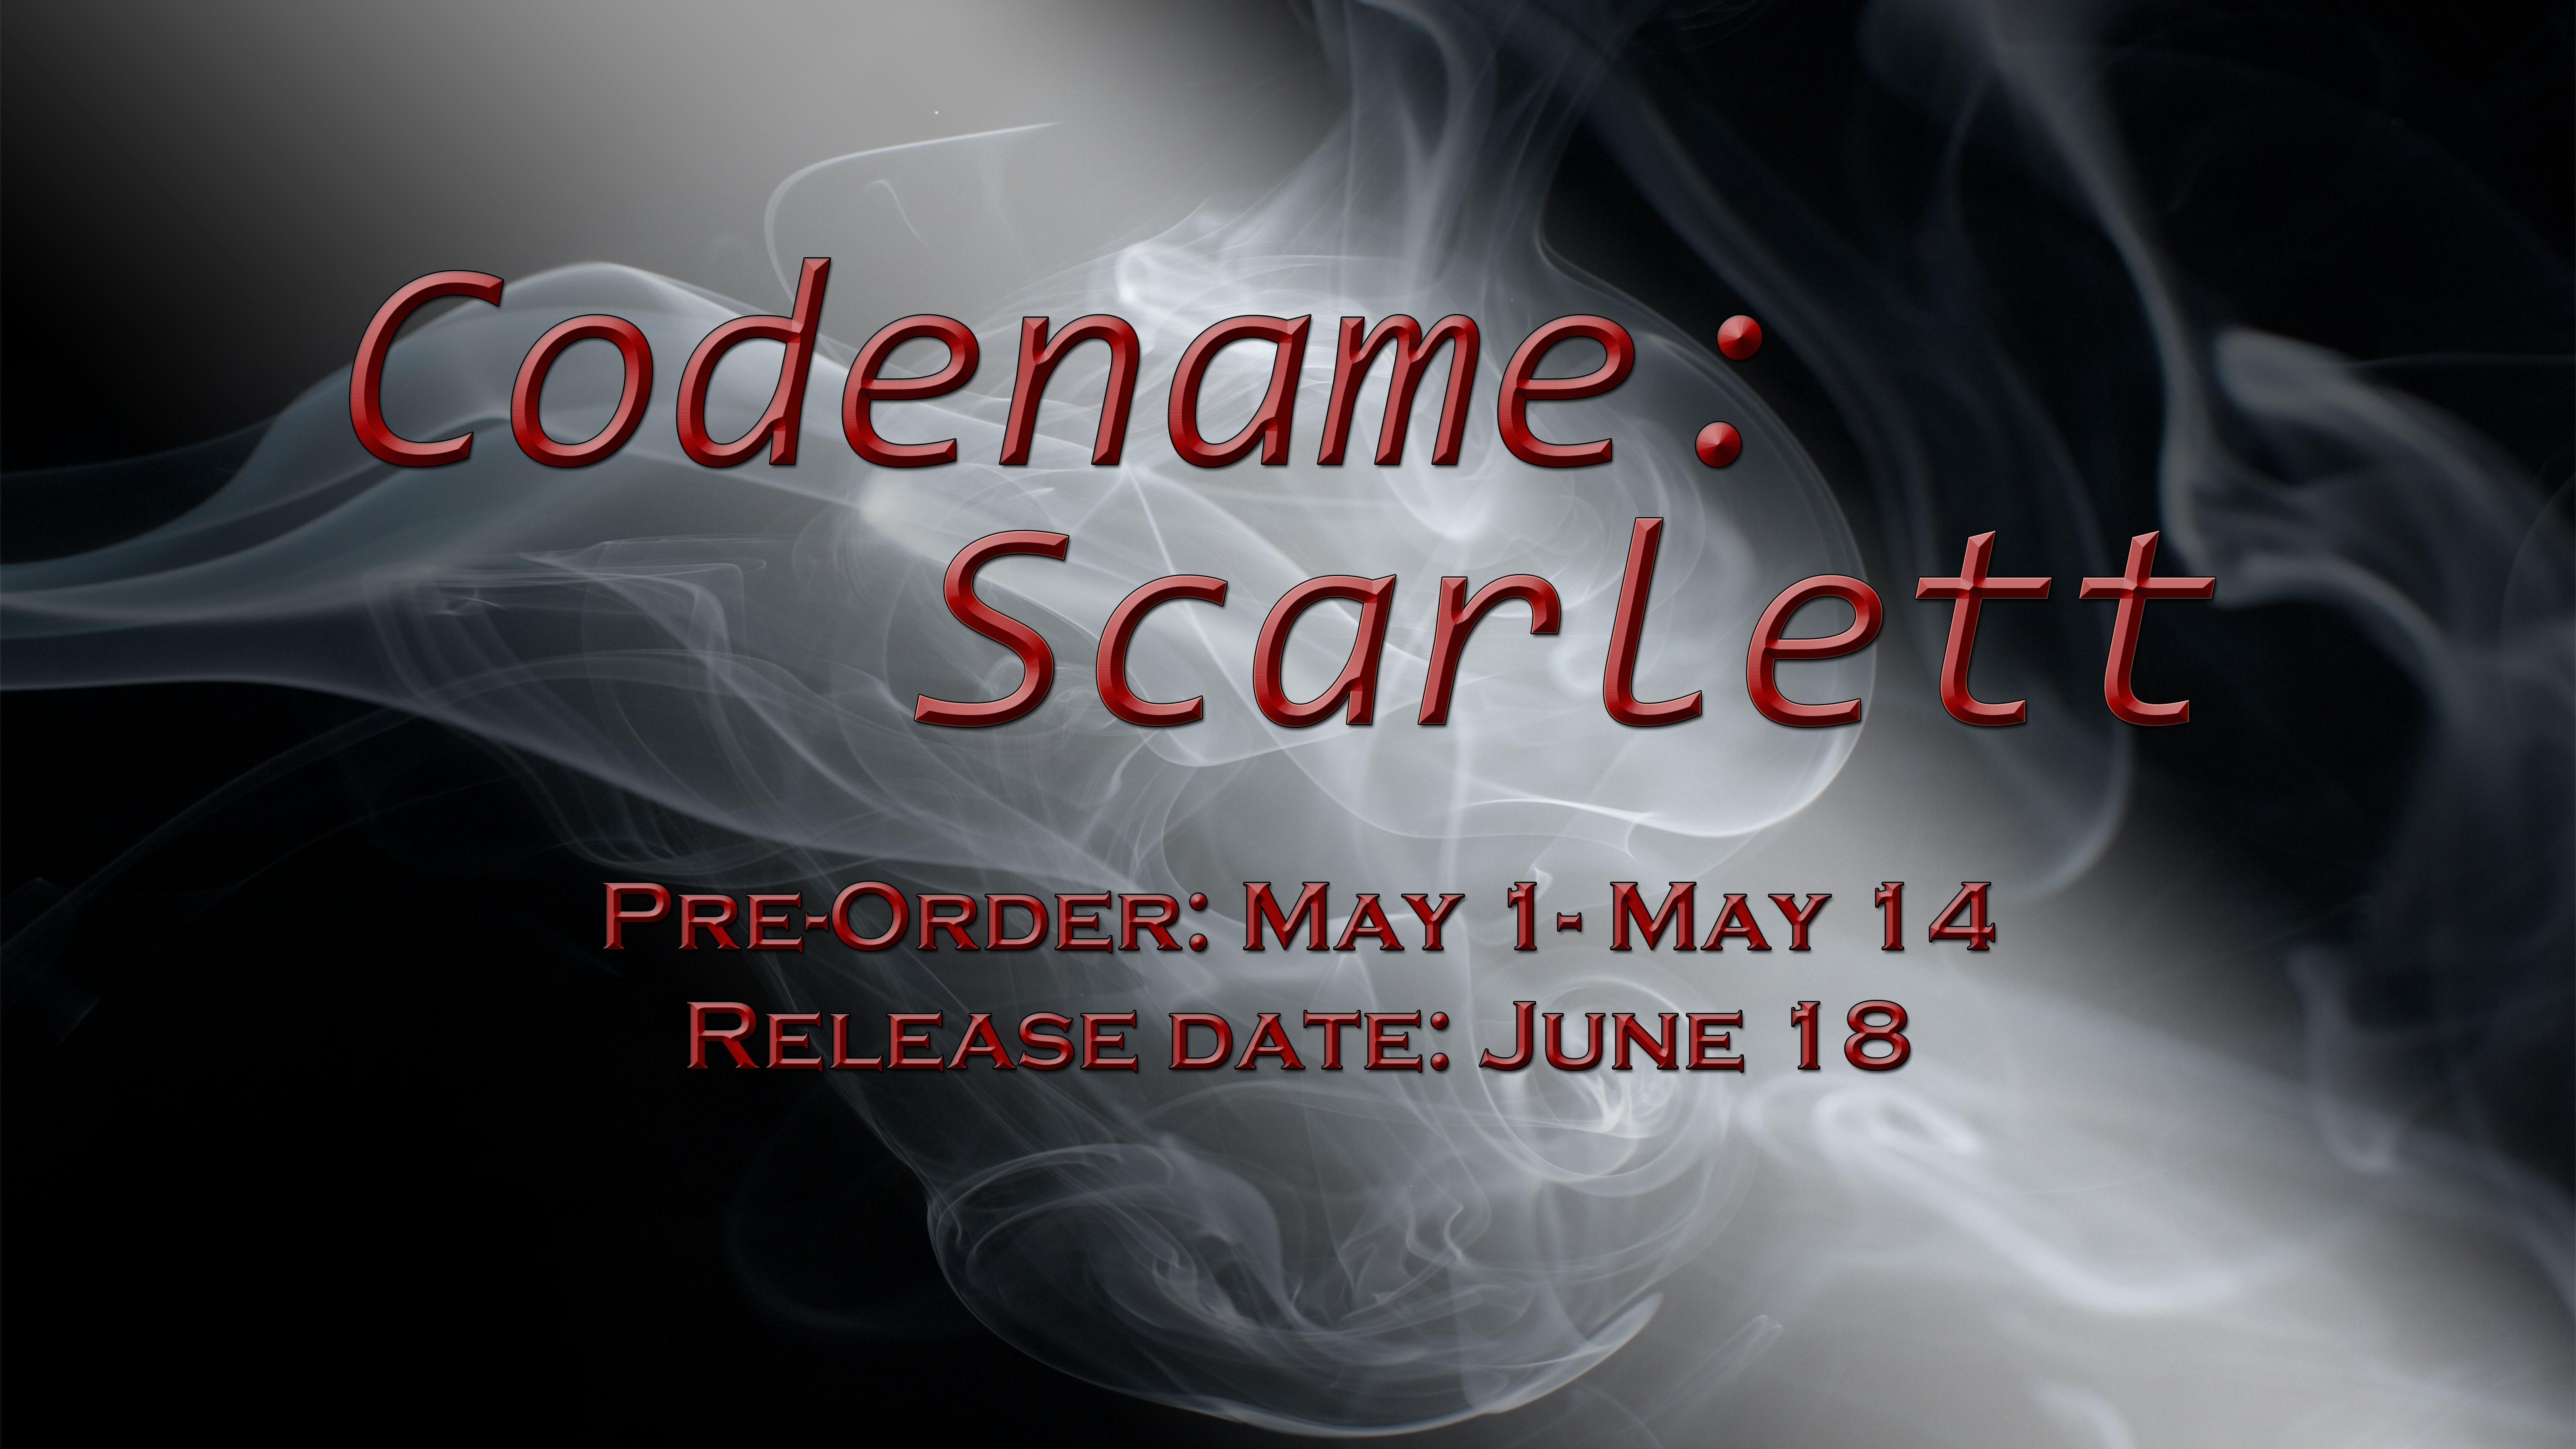 Codename Scarlett - Release Date 2 WS